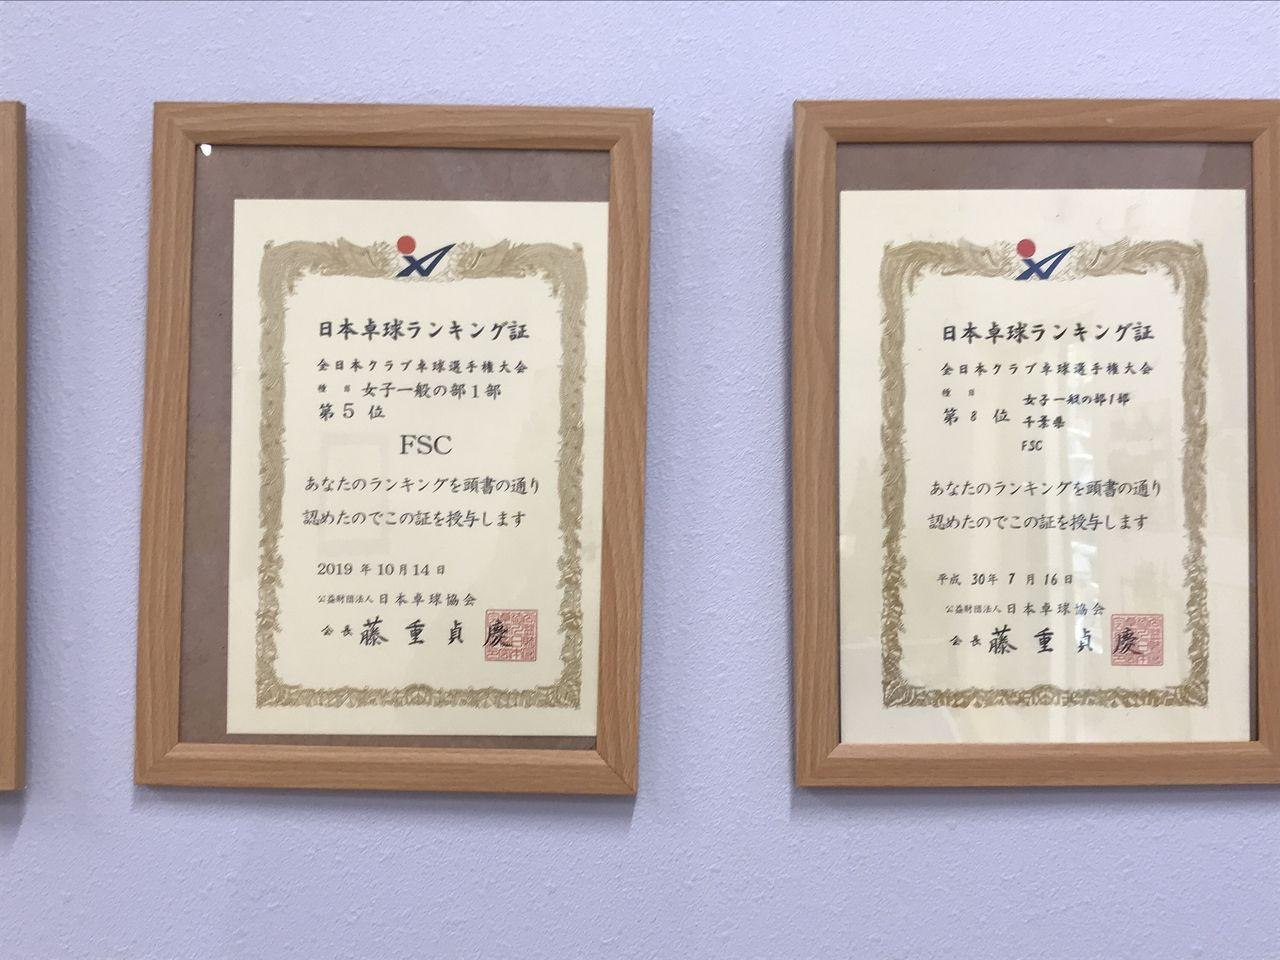 行徳のFSC卓球クラブの賞状2枚